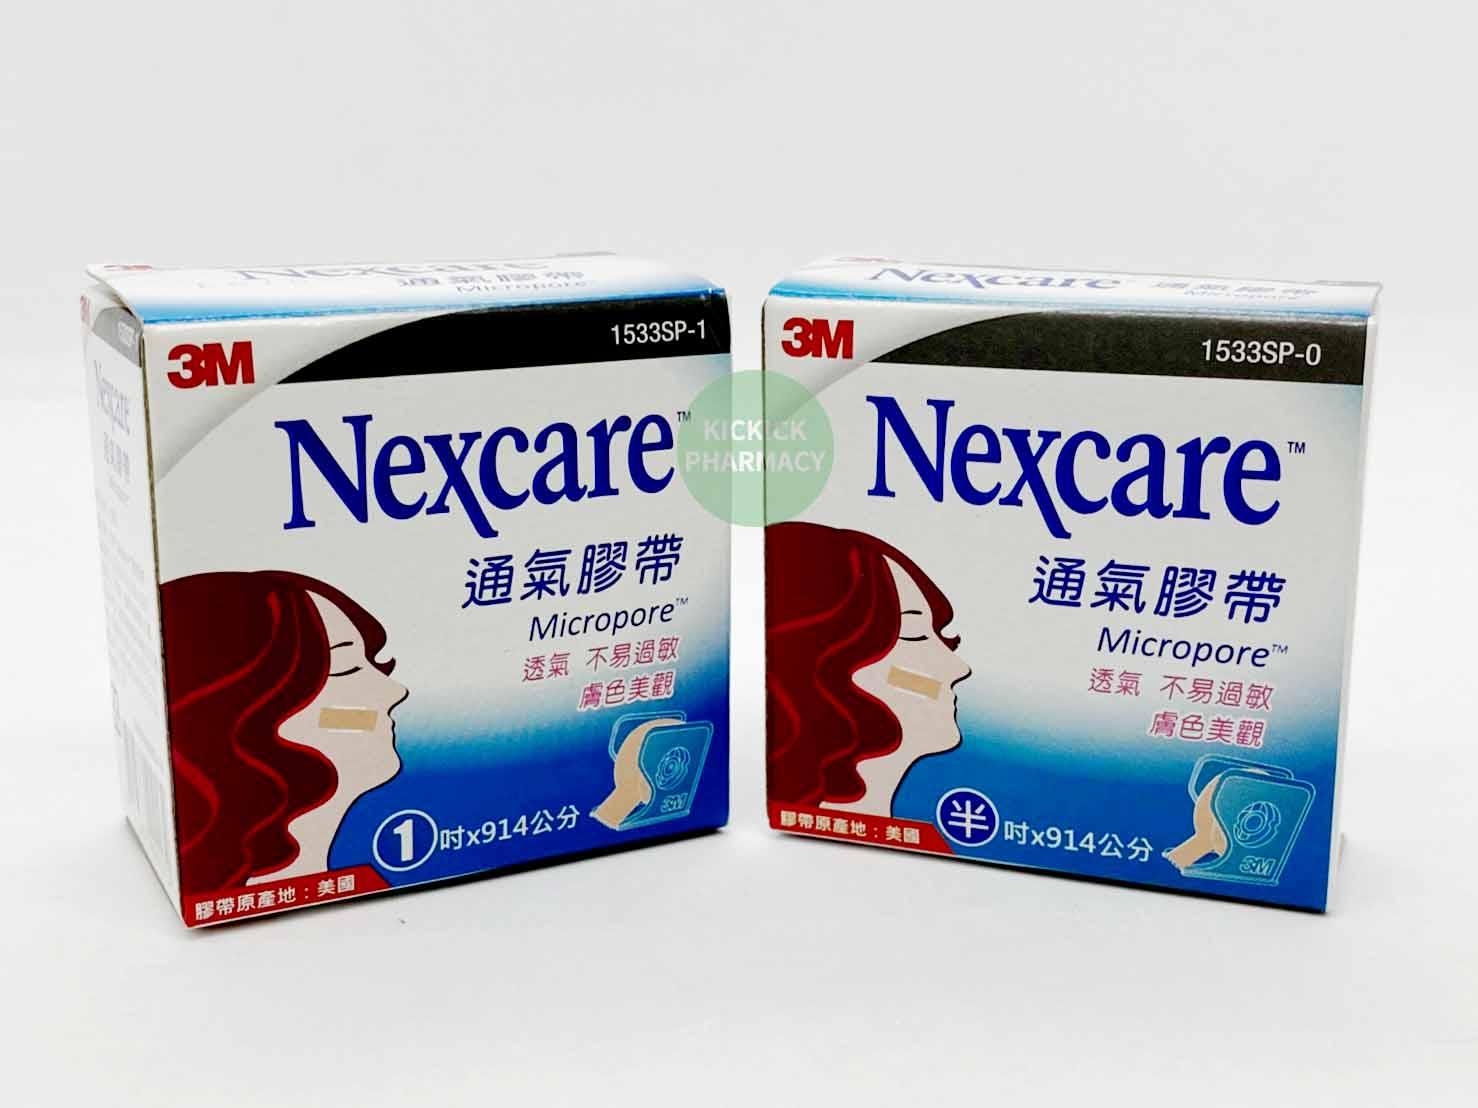 3M Nexcare 通氣膠帶 半吋 膚色 (1卷+1切台裝)單入(半吋X914CM)909282